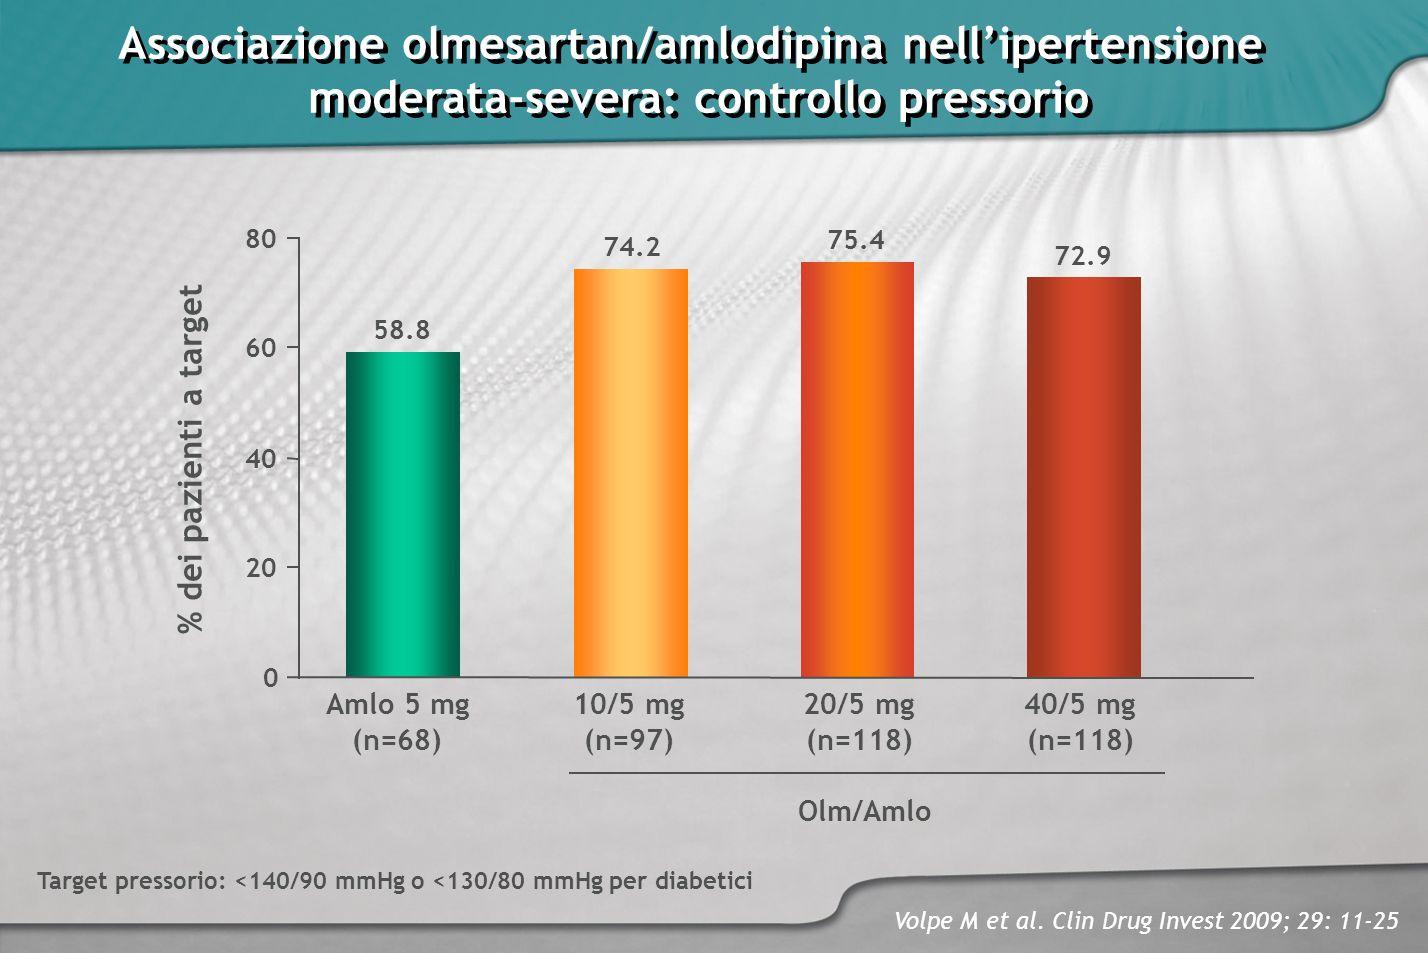 Associazione olmesartan/amlodipina nellipertensione moderata-severa: controllo pressorio Associazione olmesartan/amlodipina nellipertensione moderata-